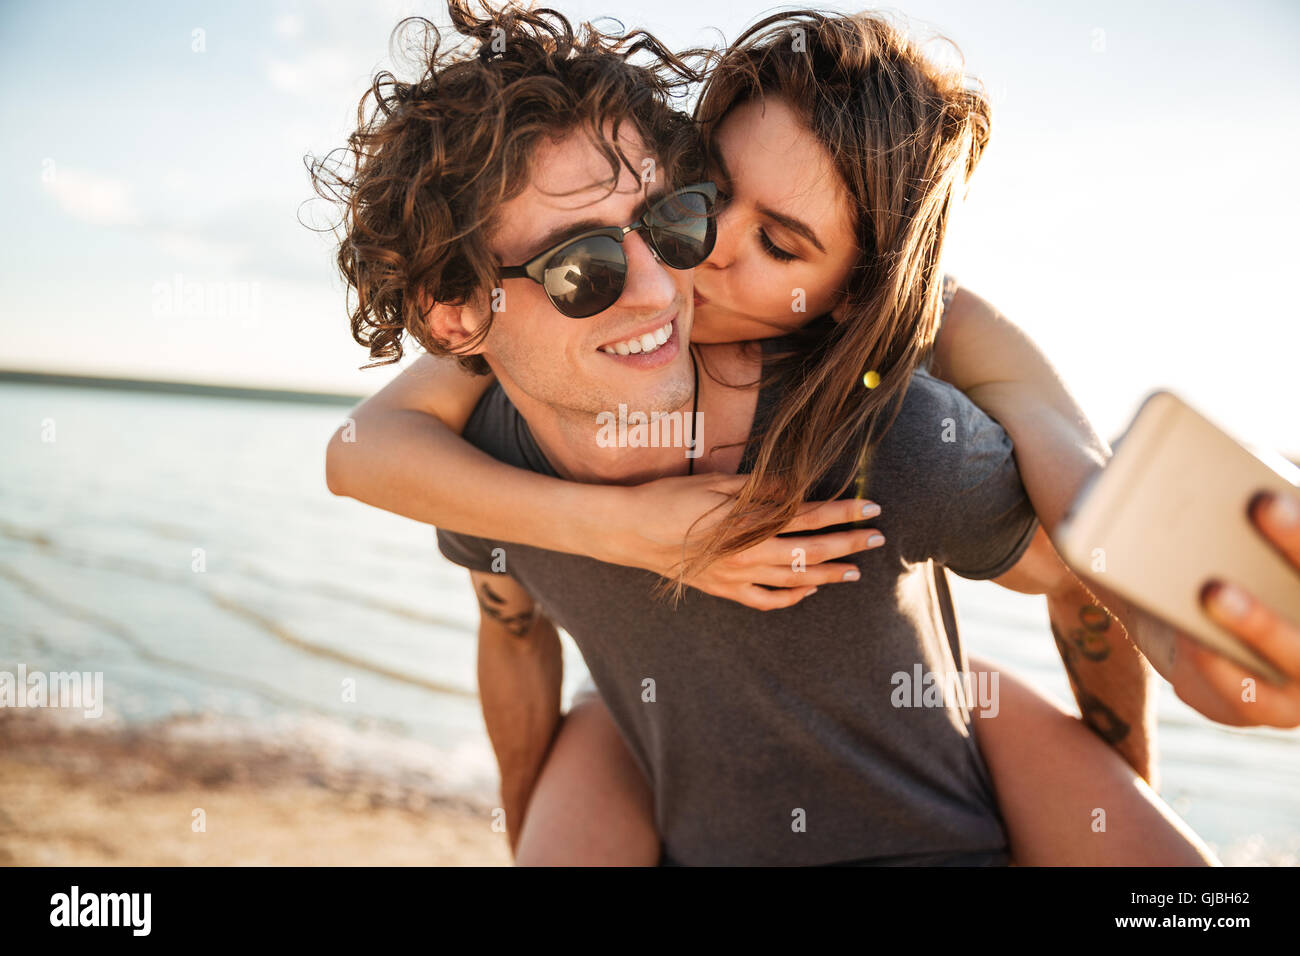 Feliz pareja joven en amor besar y hacer selfie en la playa, paseo piggyback Imagen De Stock